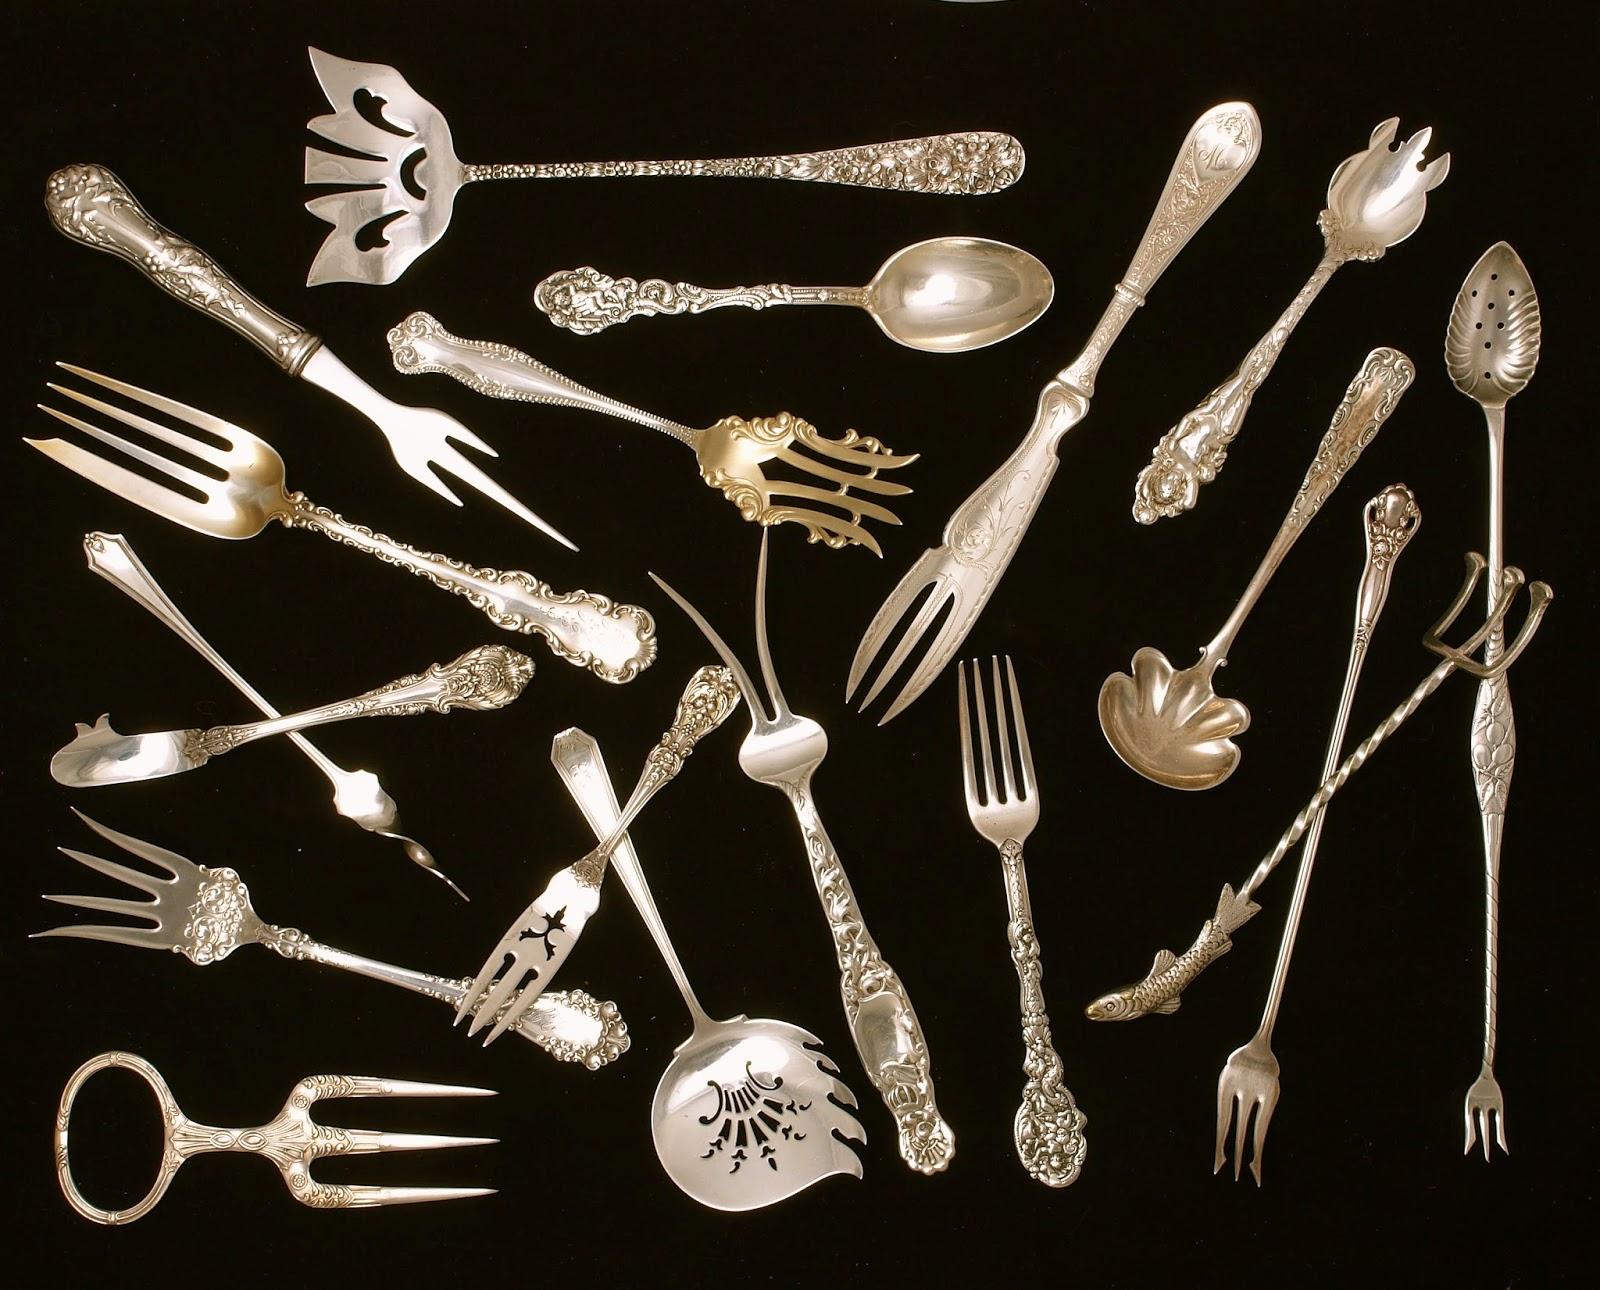 Etiquipedia: More Victorian Era Dining Etiquette